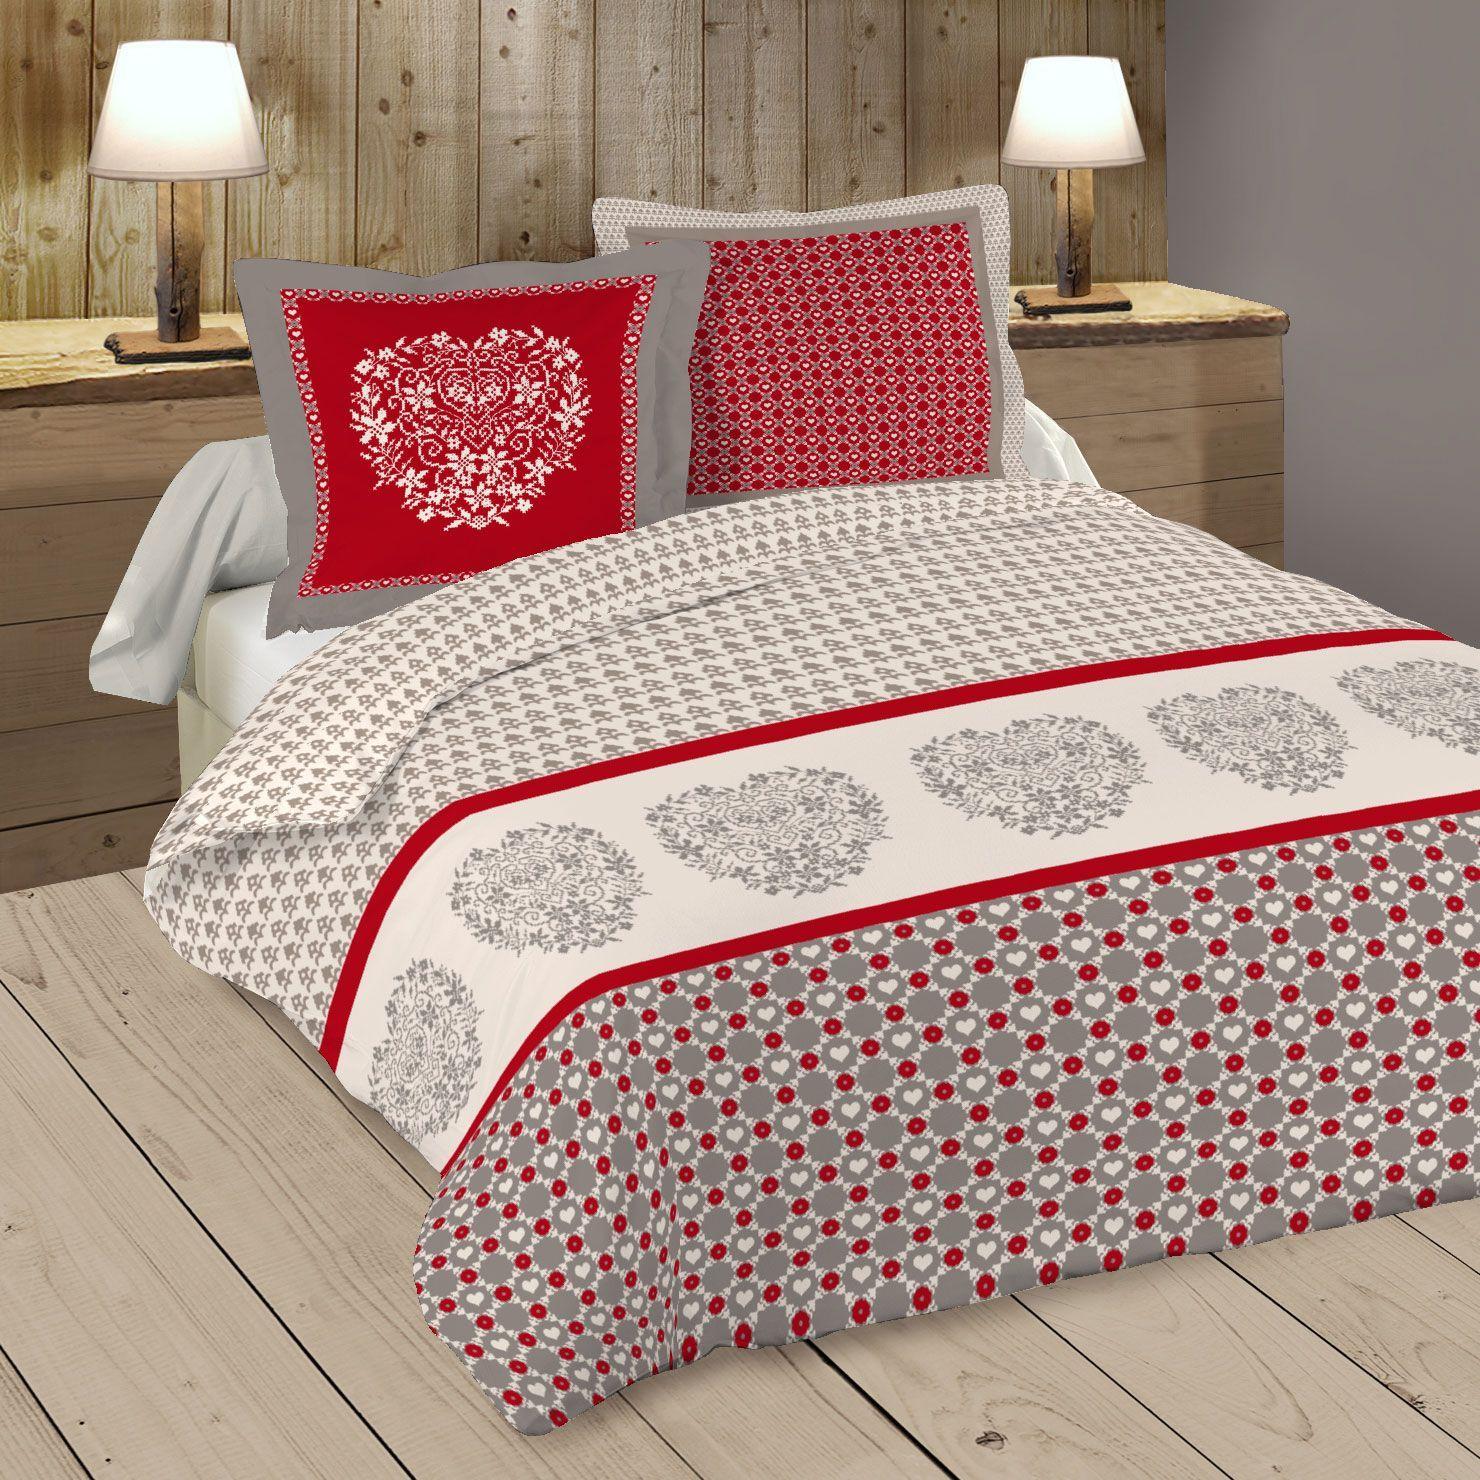 housse de couette et deux taies darla coton 240 cm rouge housse de couette eminza. Black Bedroom Furniture Sets. Home Design Ideas